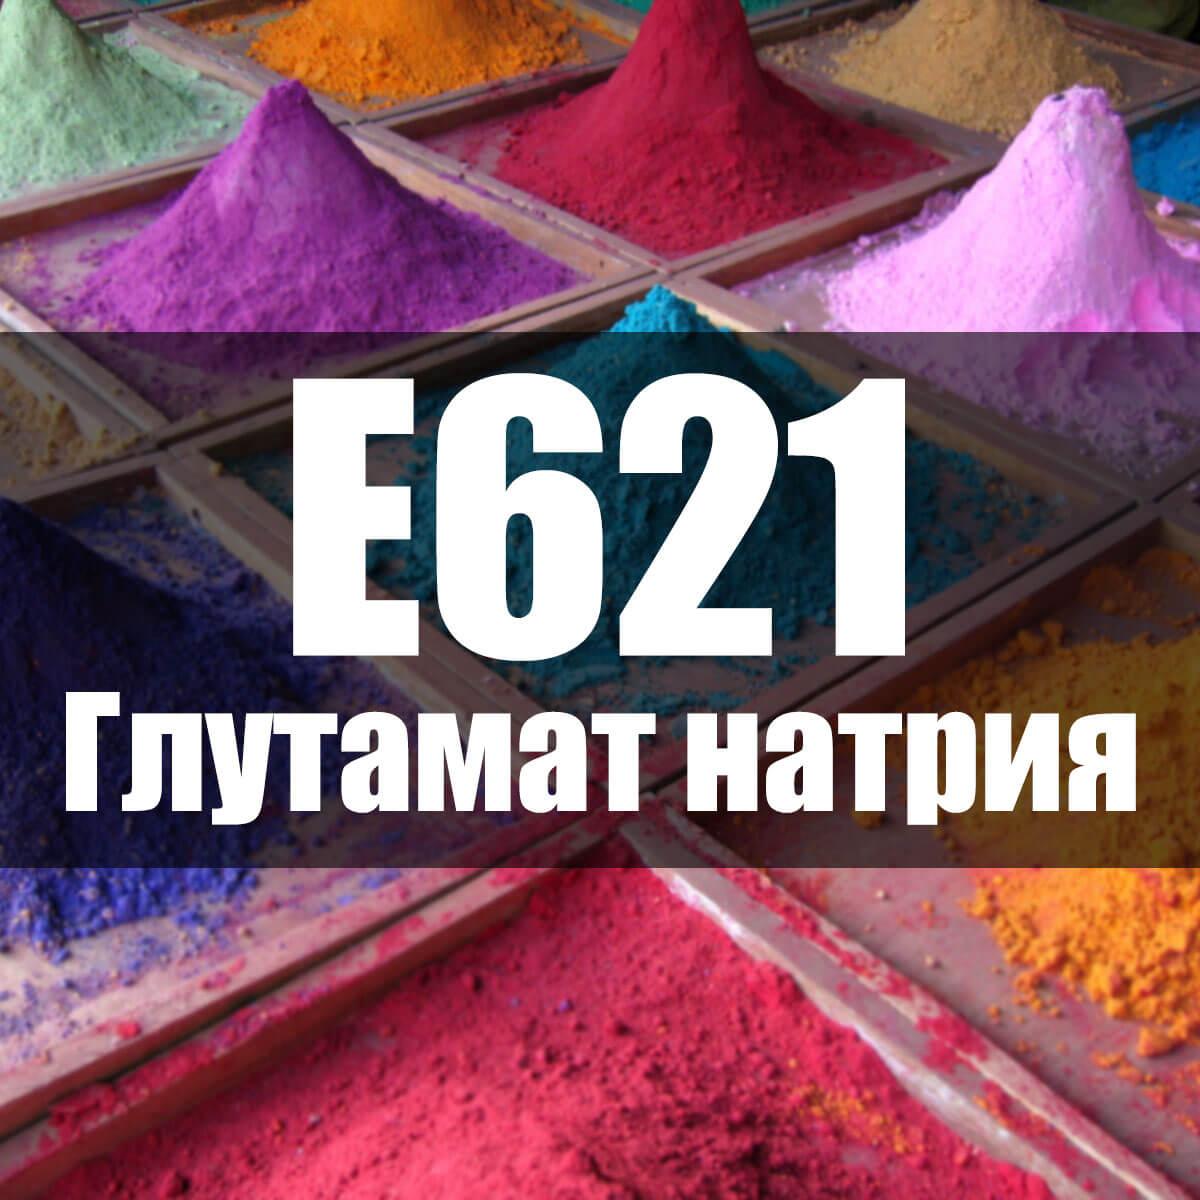 Е621 пищевая добавка влияние на организм человека